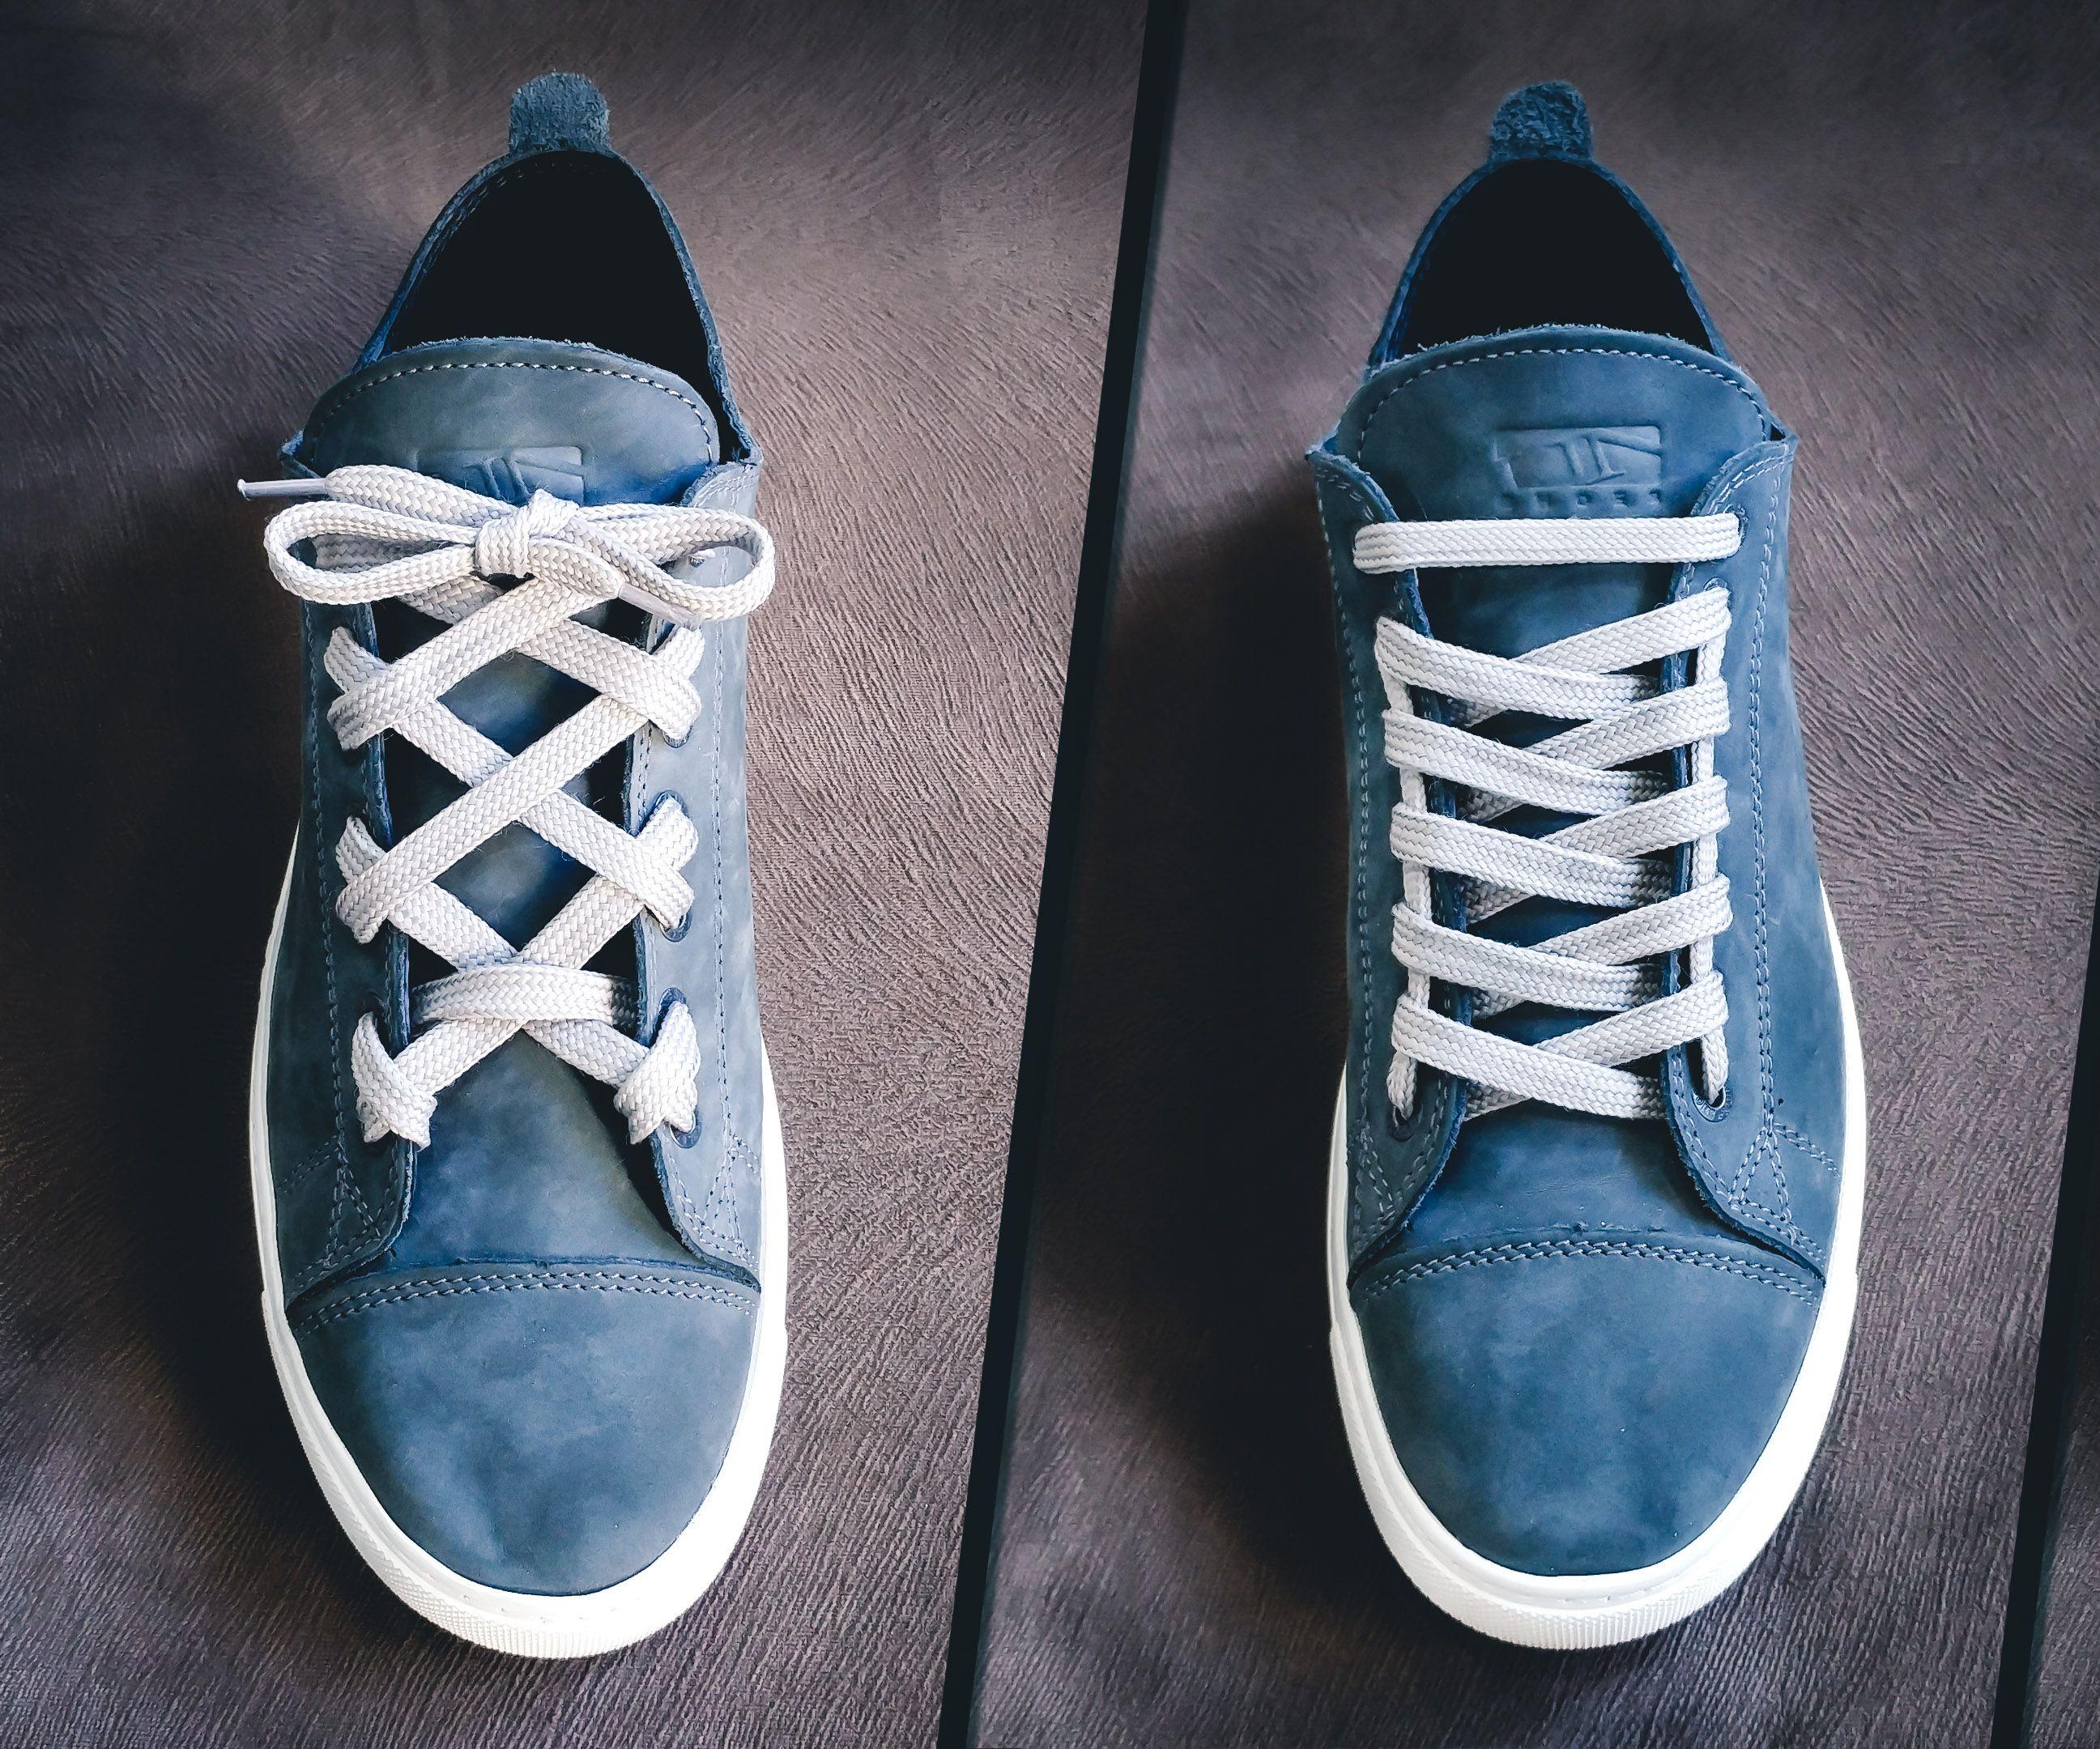 unique shoelace designs